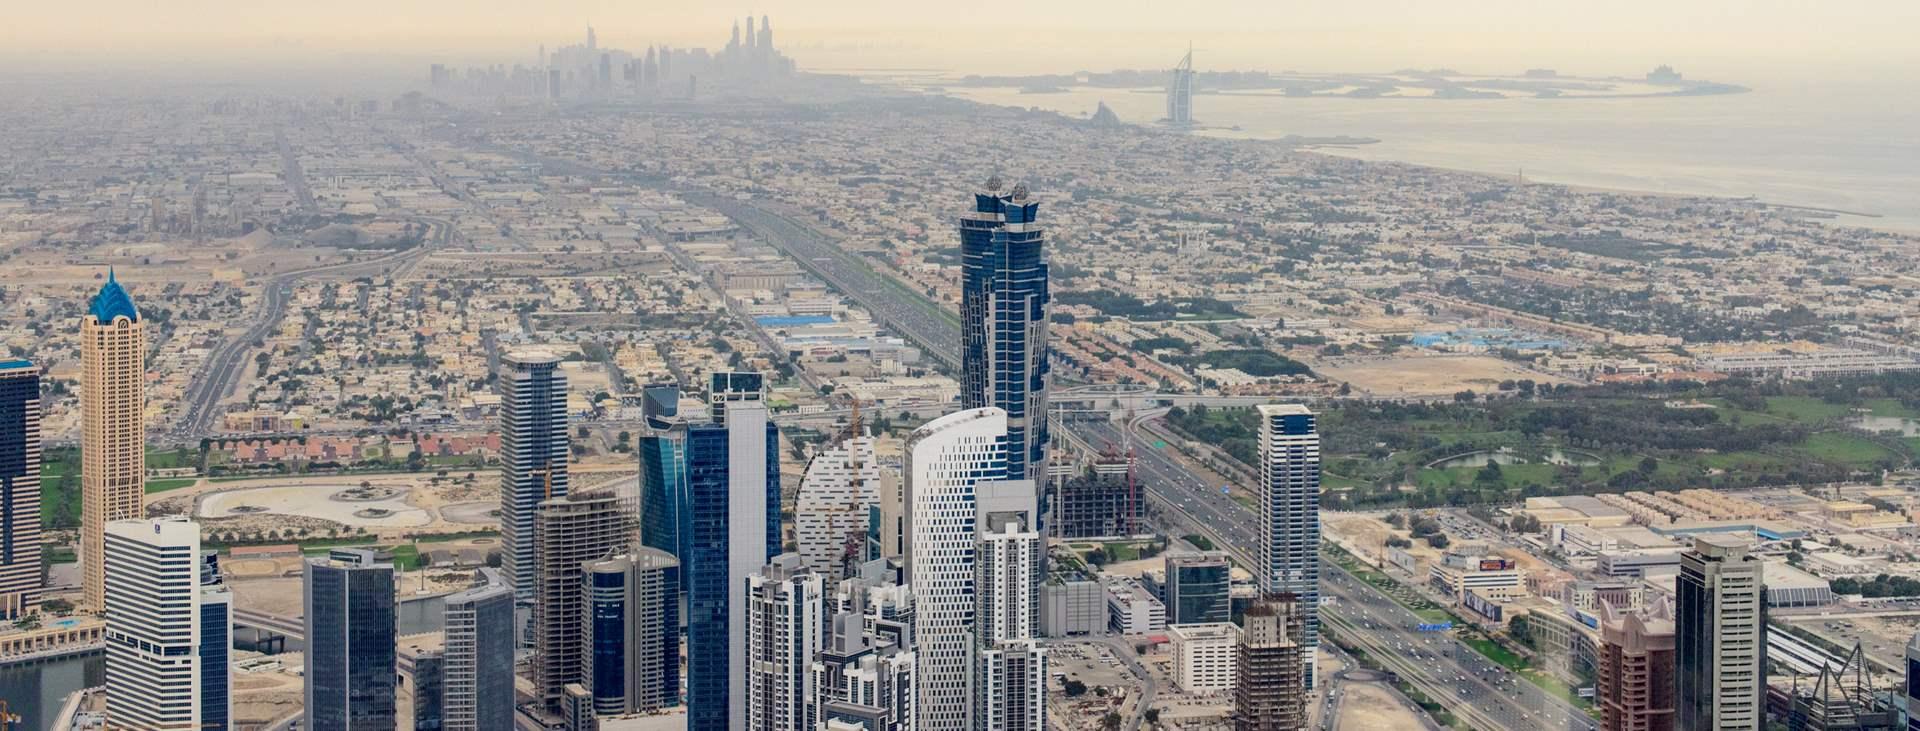 Varaa matka Downtown Dubaihin Tjäreborgilta